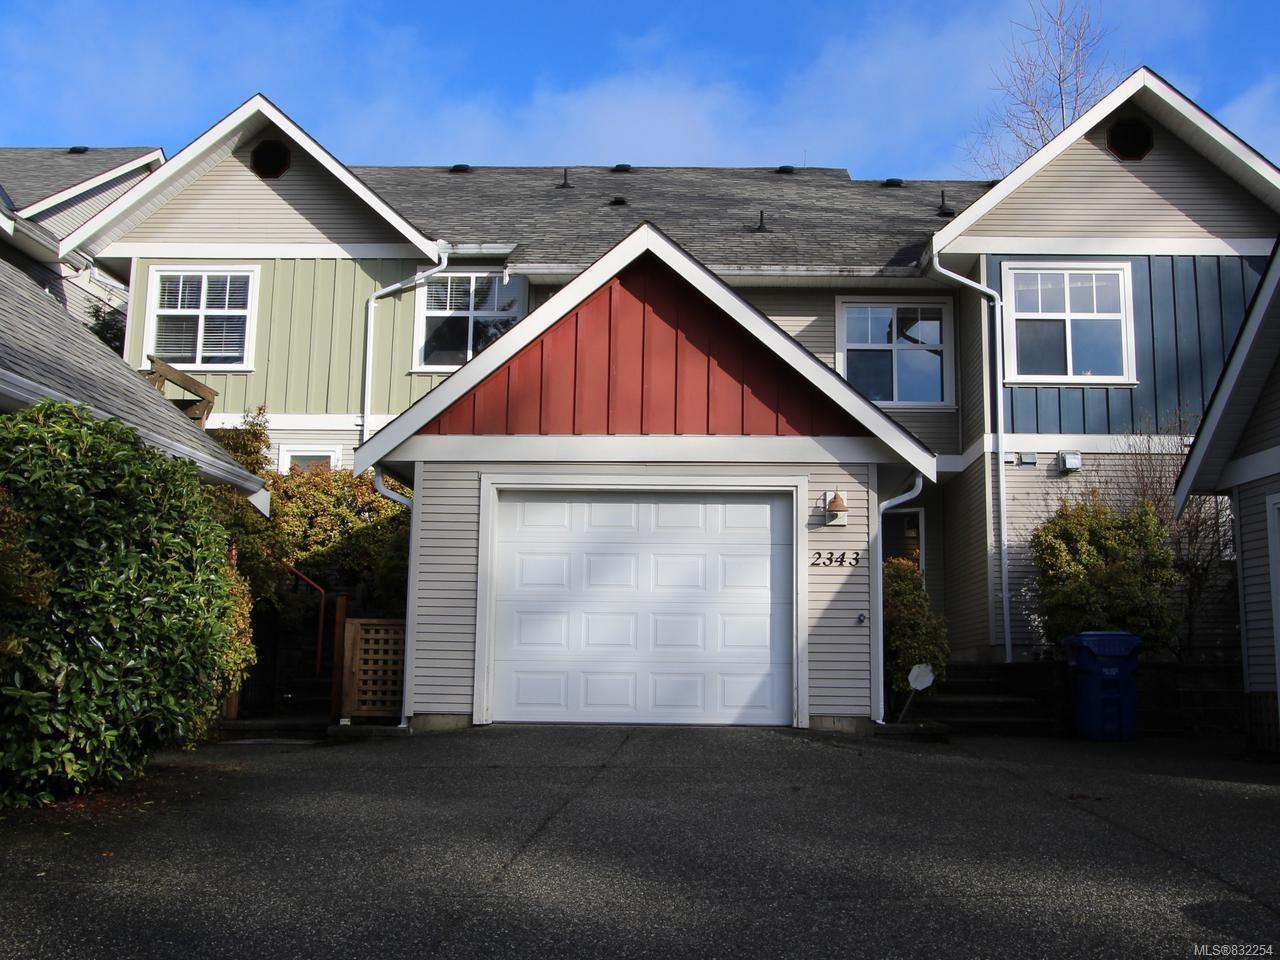 Main Photo: 2343 Bowen Rd in NANAIMO: Na Diver Lake Row/Townhouse for sale (Nanaimo)  : MLS®# 832254